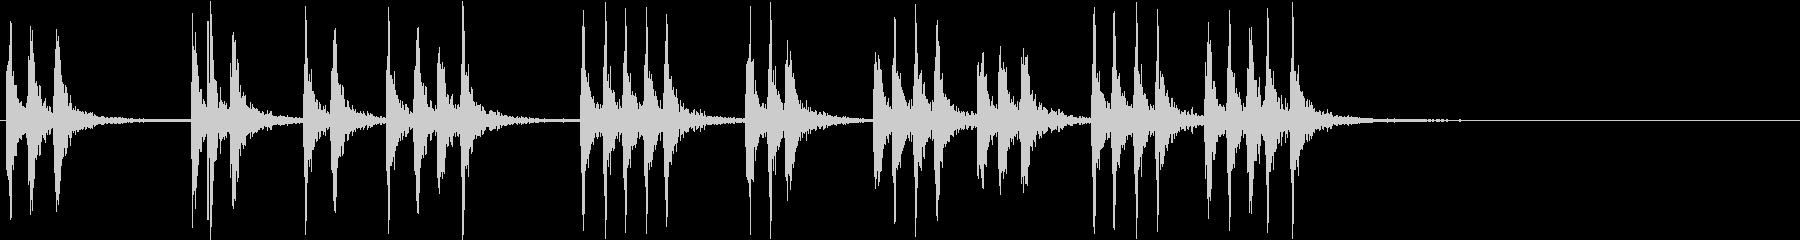 連続した、重いノック音(ループ可能)の未再生の波形